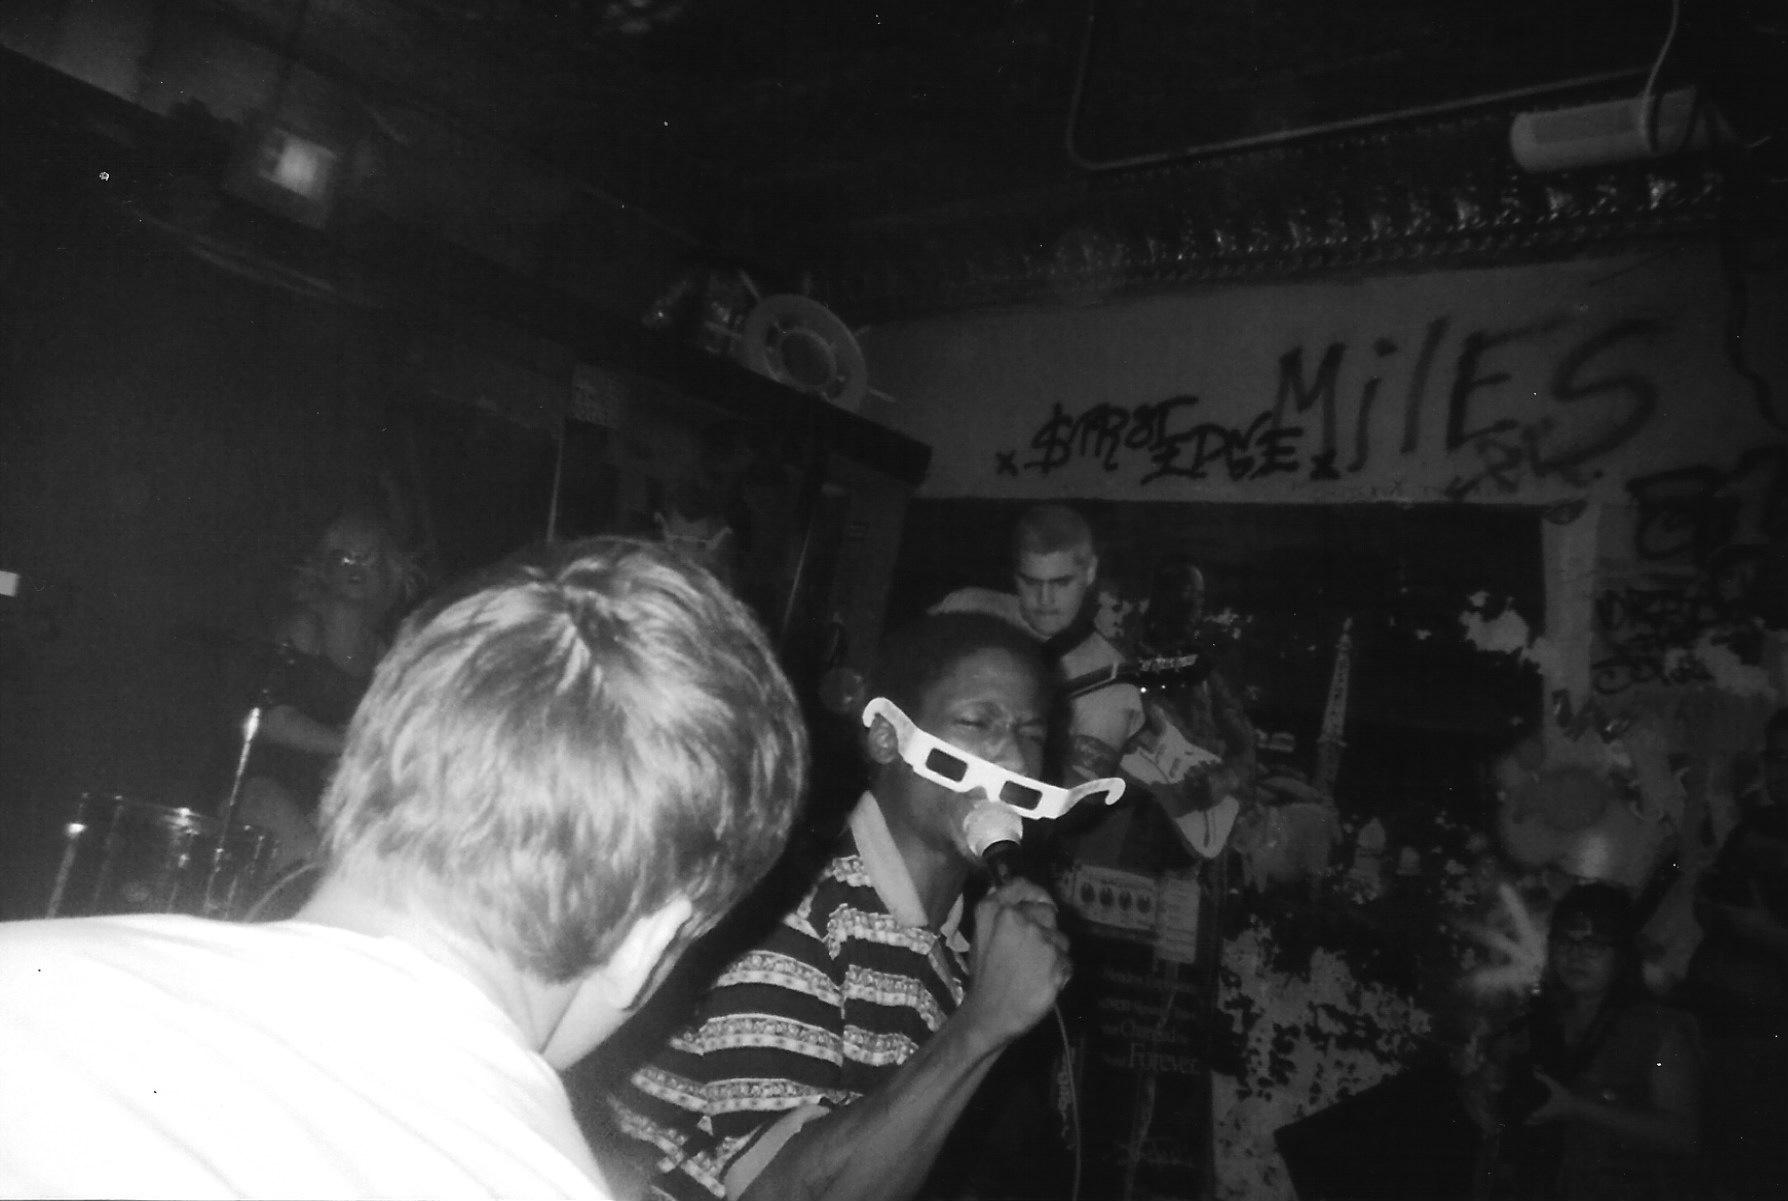 Dumb Fest 3-D | The Black Sheep Cafe